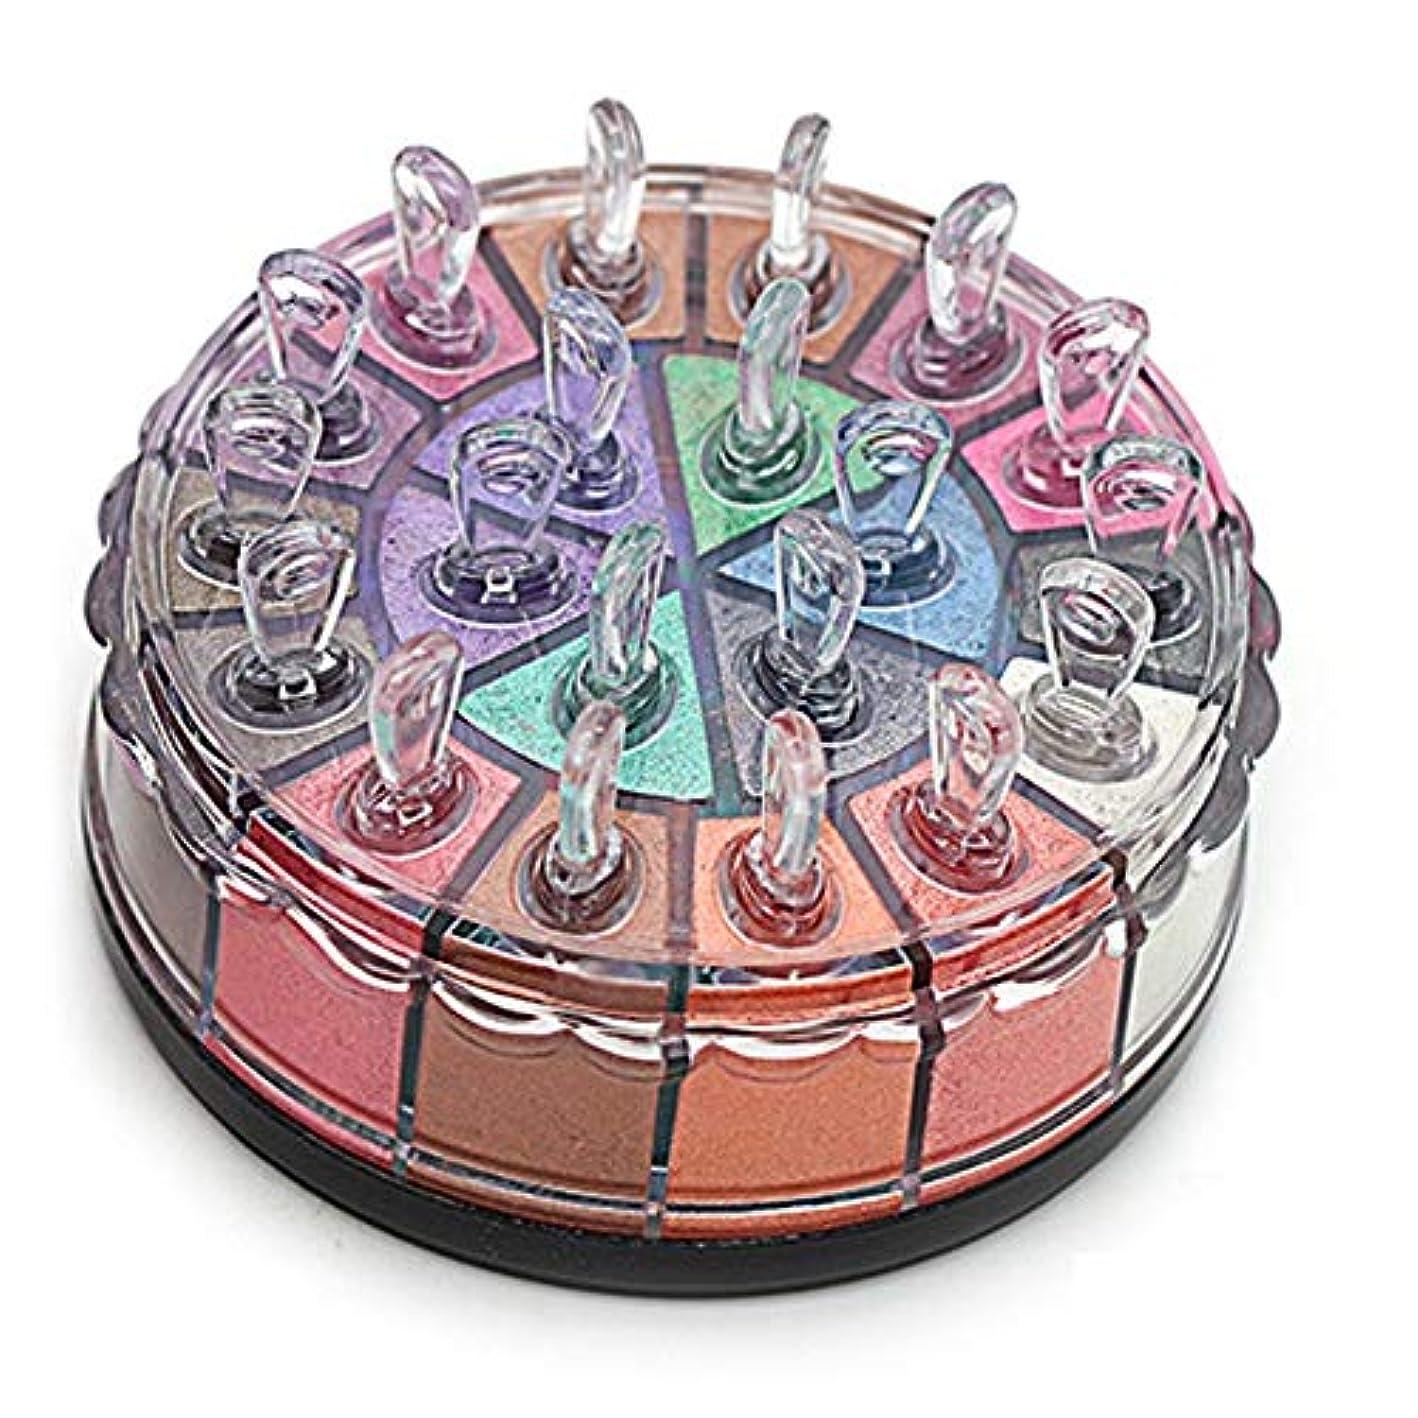 移住する市民追記Akane アイシャドウパレット INS 人気 ファッション 超便利 キラキラ 欧米風 綺麗 可愛い 高級 つや消し マット Eye Shadow (20色)